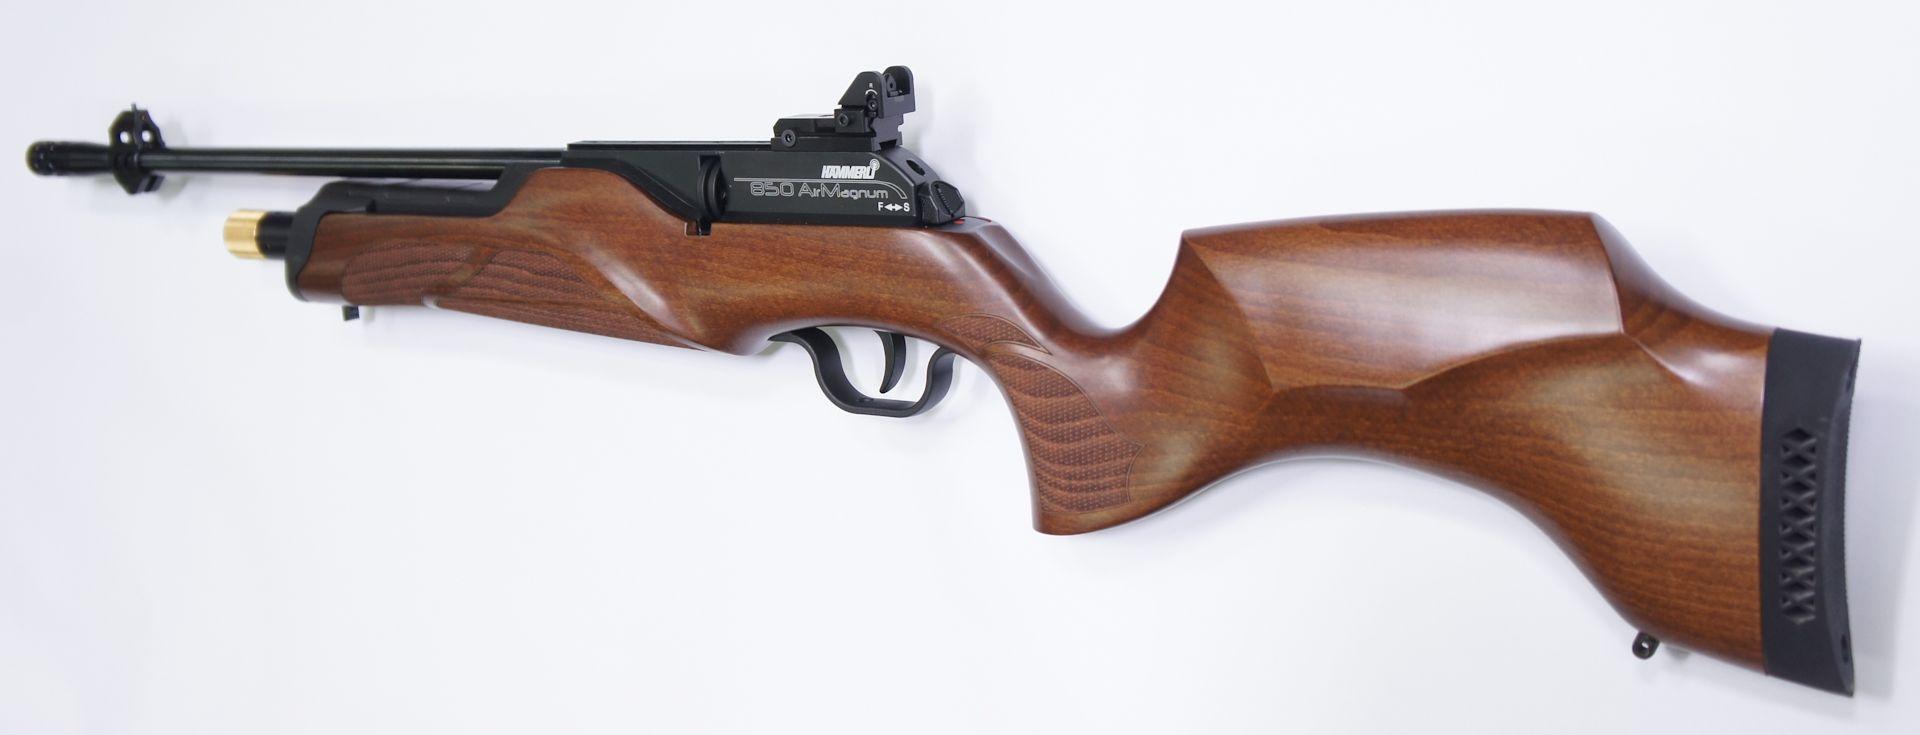 Hämmerli 850 Carbine mit verstellbarer Lochkimme und Kompensator.